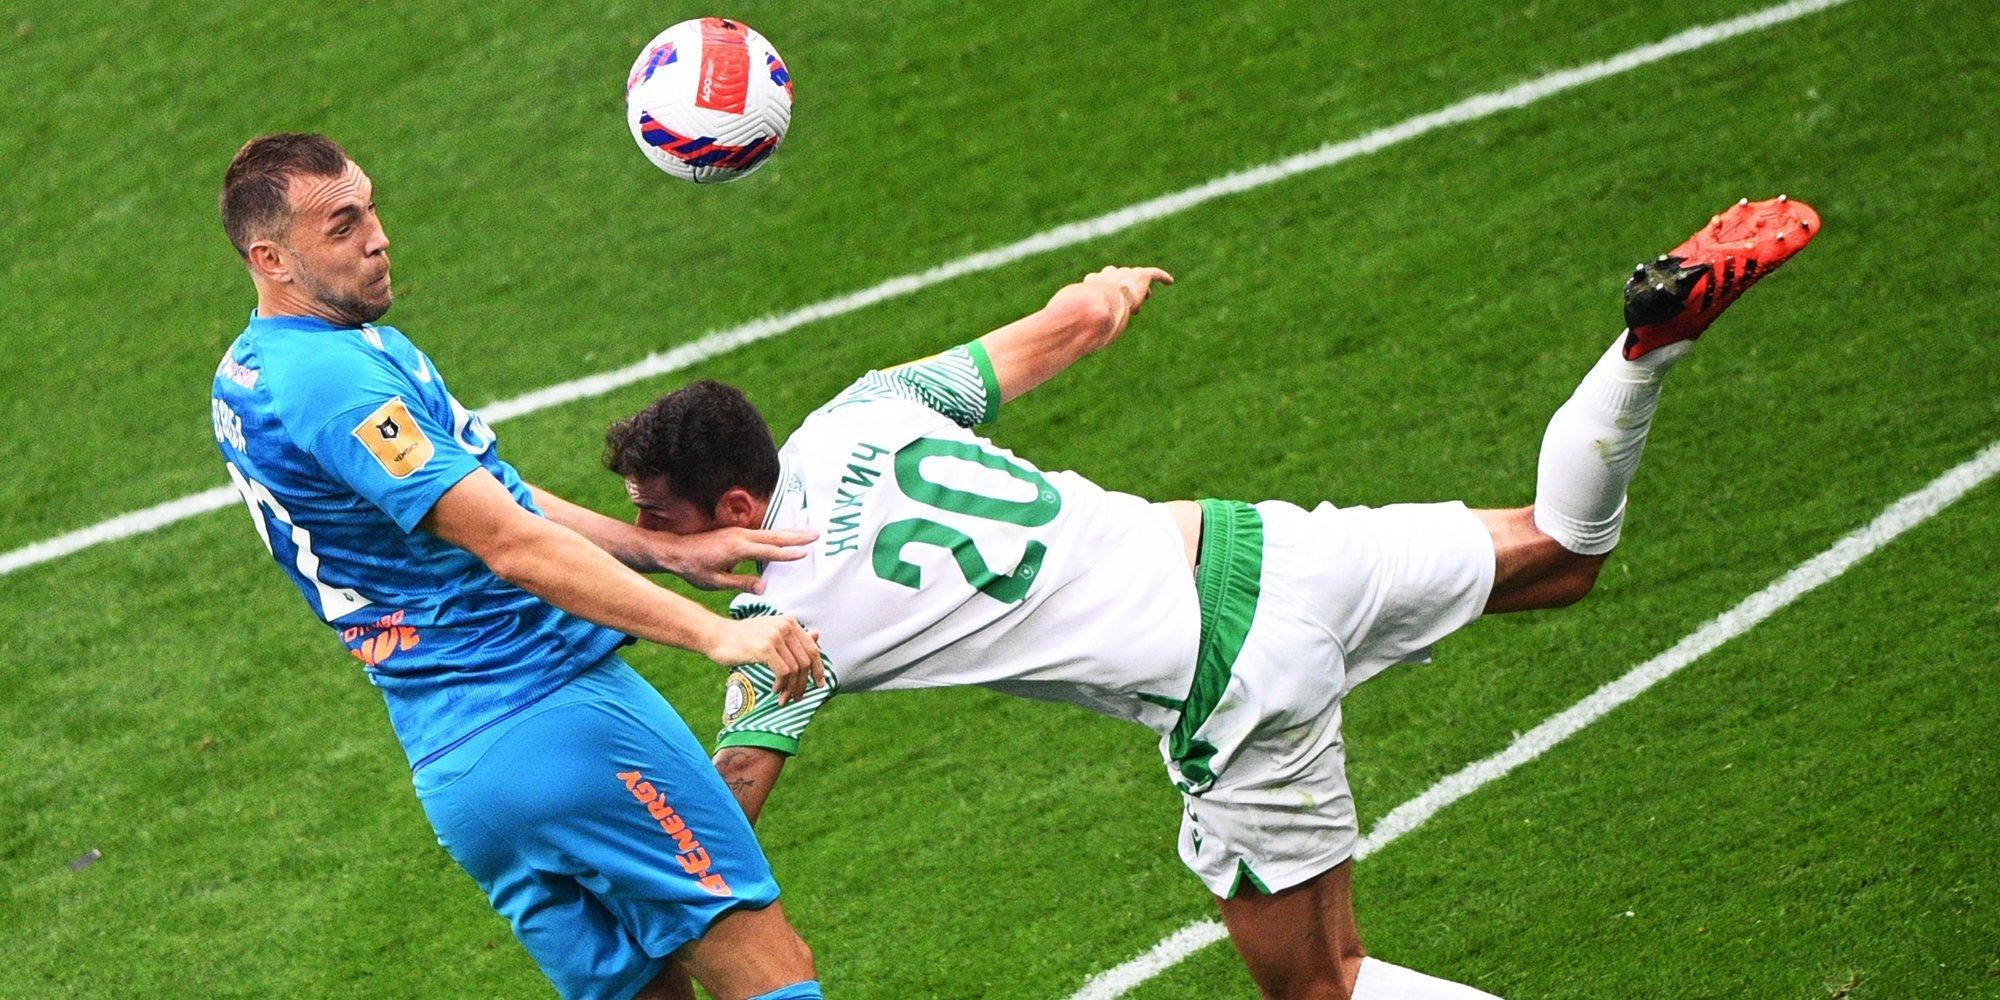 Две голевые передачи Дзюбы помогли «Зениту» победить «Ахмат» и вернуть лидерство в Тинькофф РПЛ